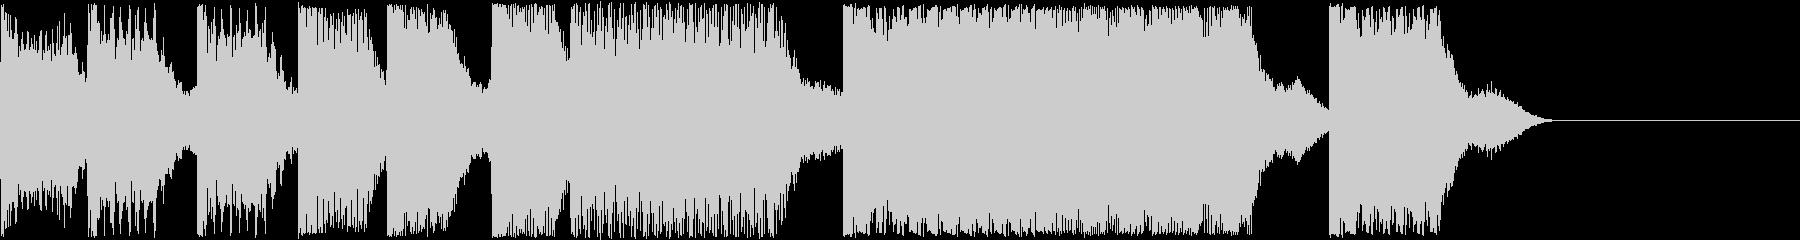 AI メカ/ロボ/マシン動作音 15の未再生の波形